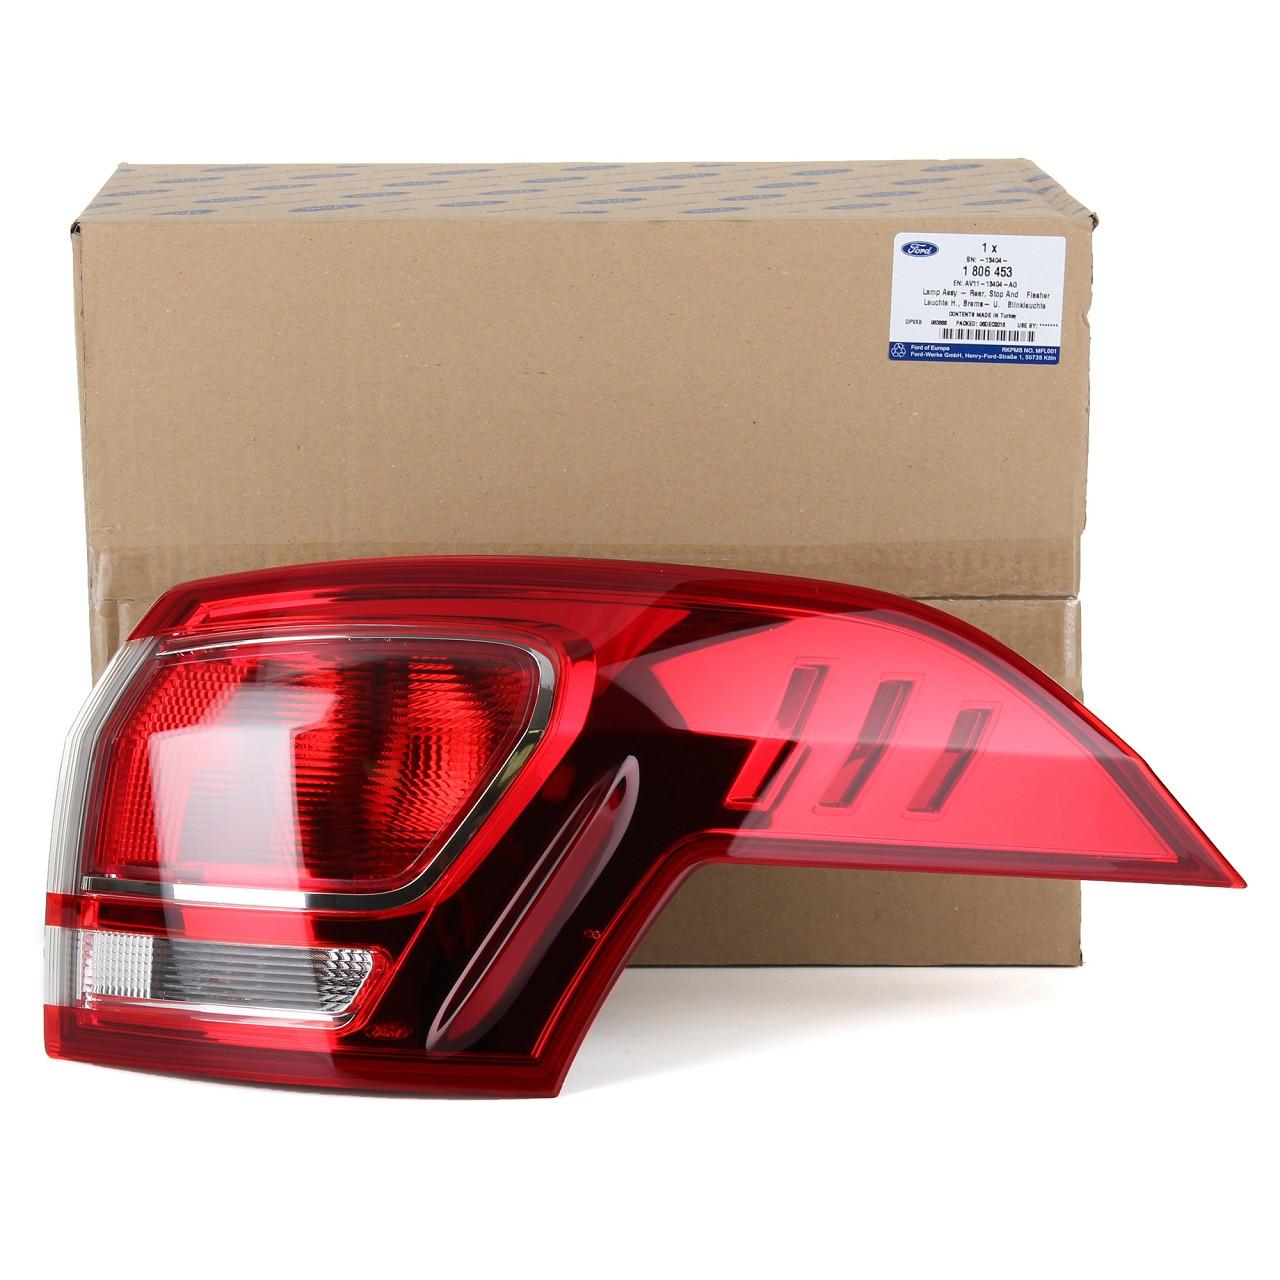 ORIGINAL Ford Heckleuchte Rückleuchte Rücklicht B-MAX (JK) aussen rechts 1806453